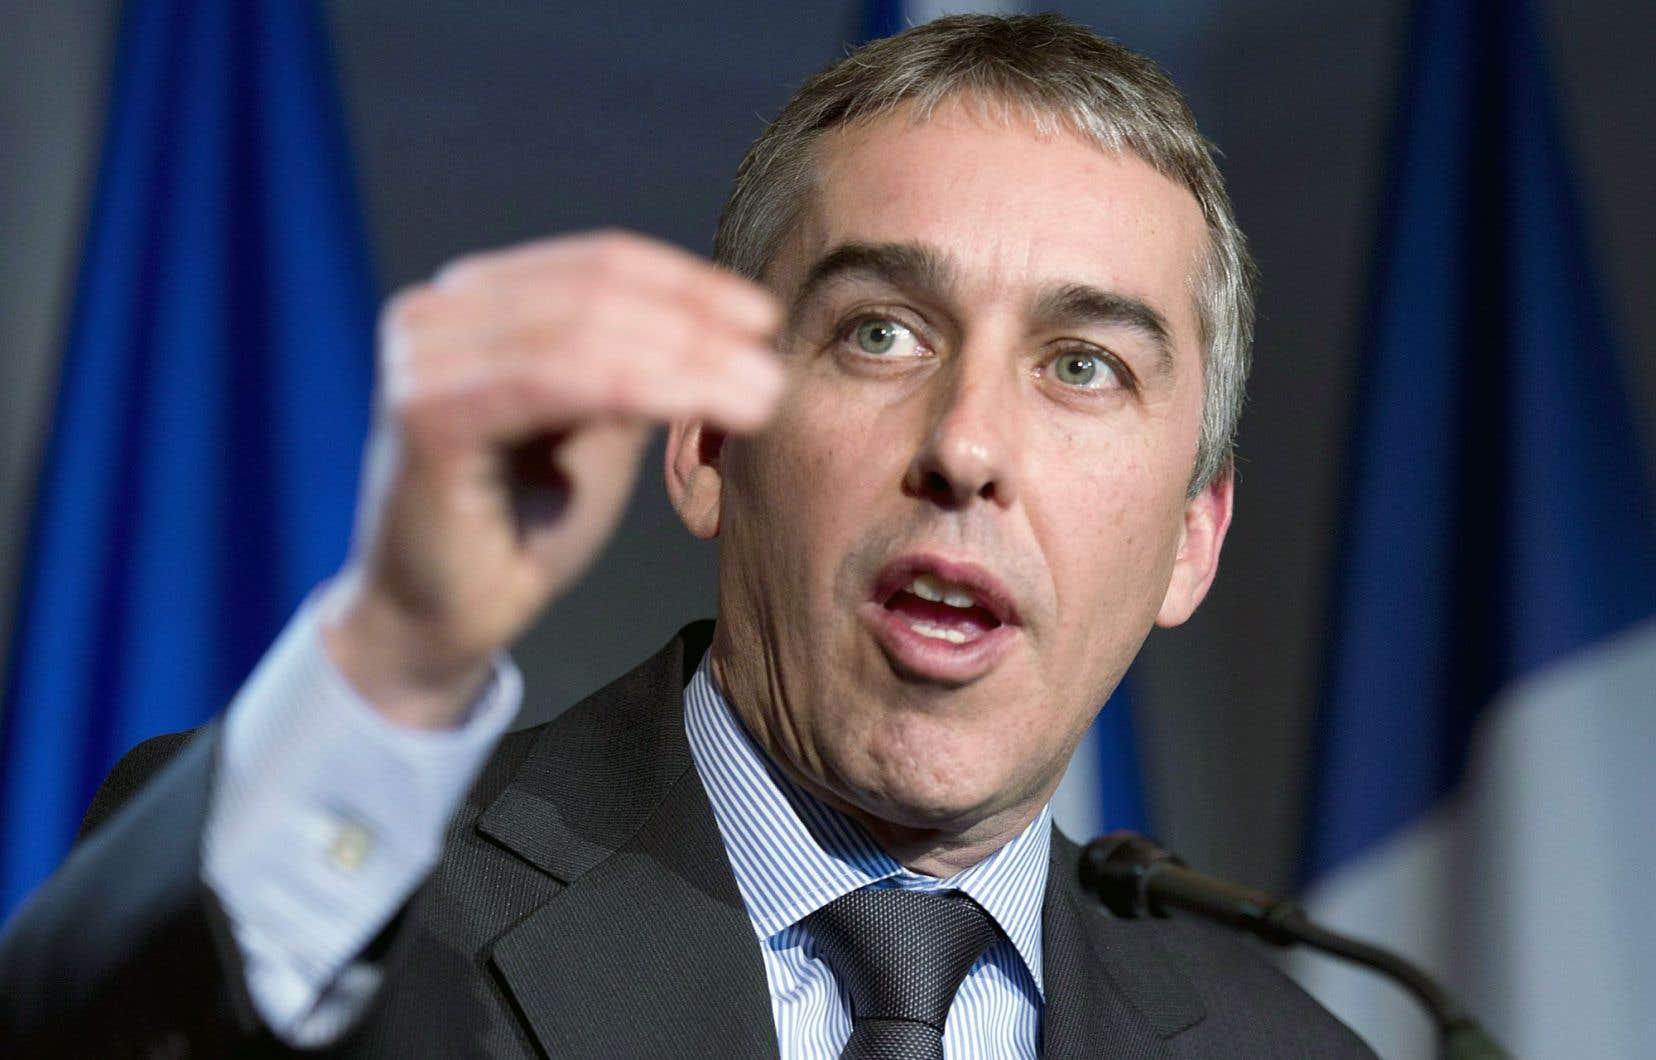 Le député péquiste Nicolas Marceau fait partie du groupe de députés et de militants qui veulent améliorer la situation constitutionnelle actuelle.